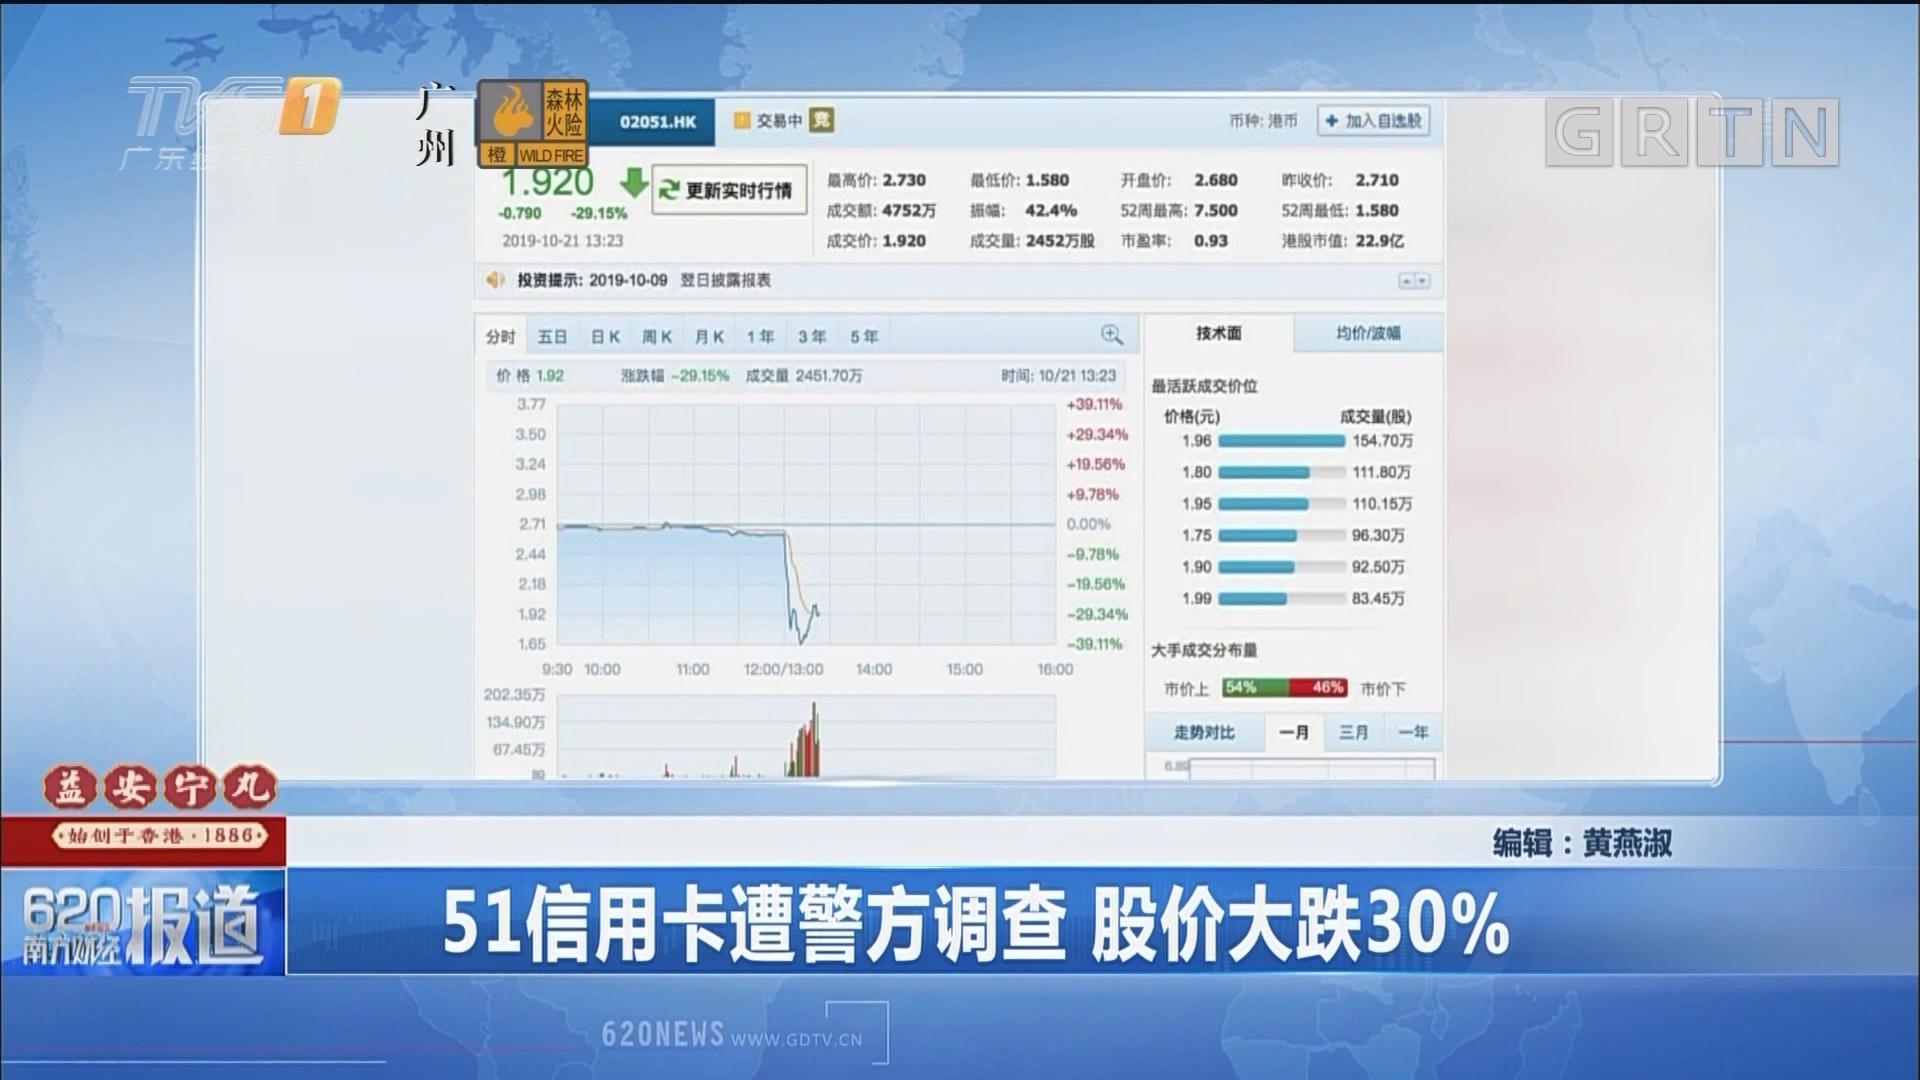 51信用卡遭警方调查 股价大跌30%